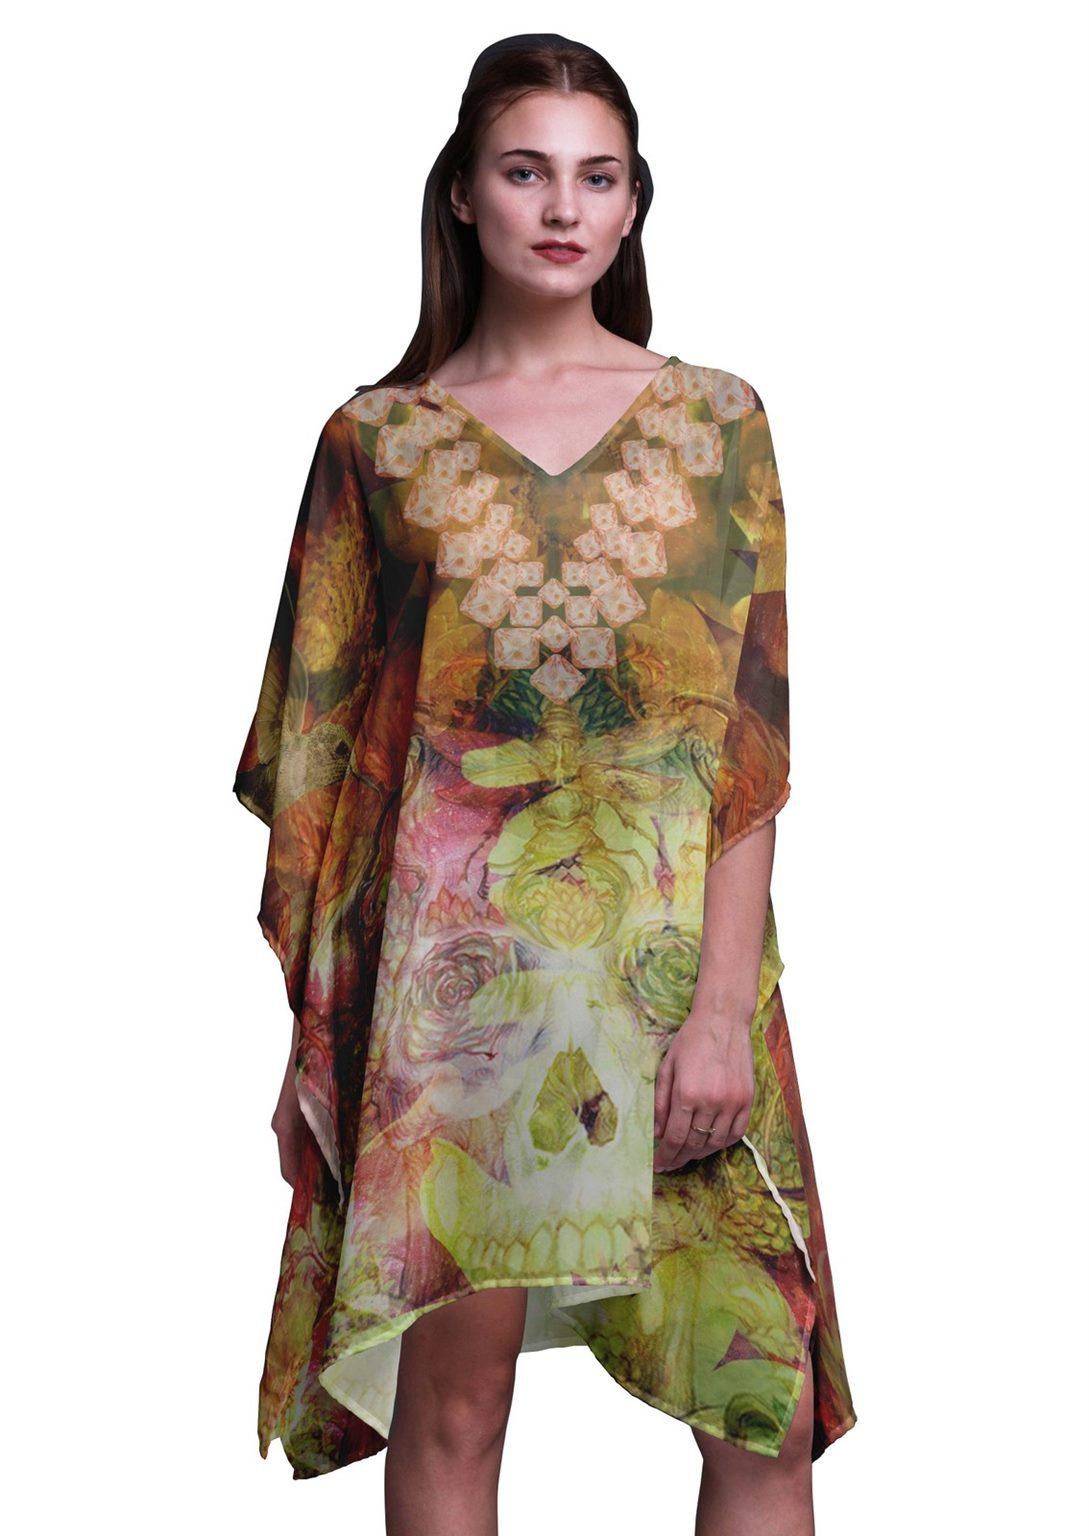 ba6ee89492604 Plus Size Summer Dresses: Shop Plus Size Summer Dresses - Macy's